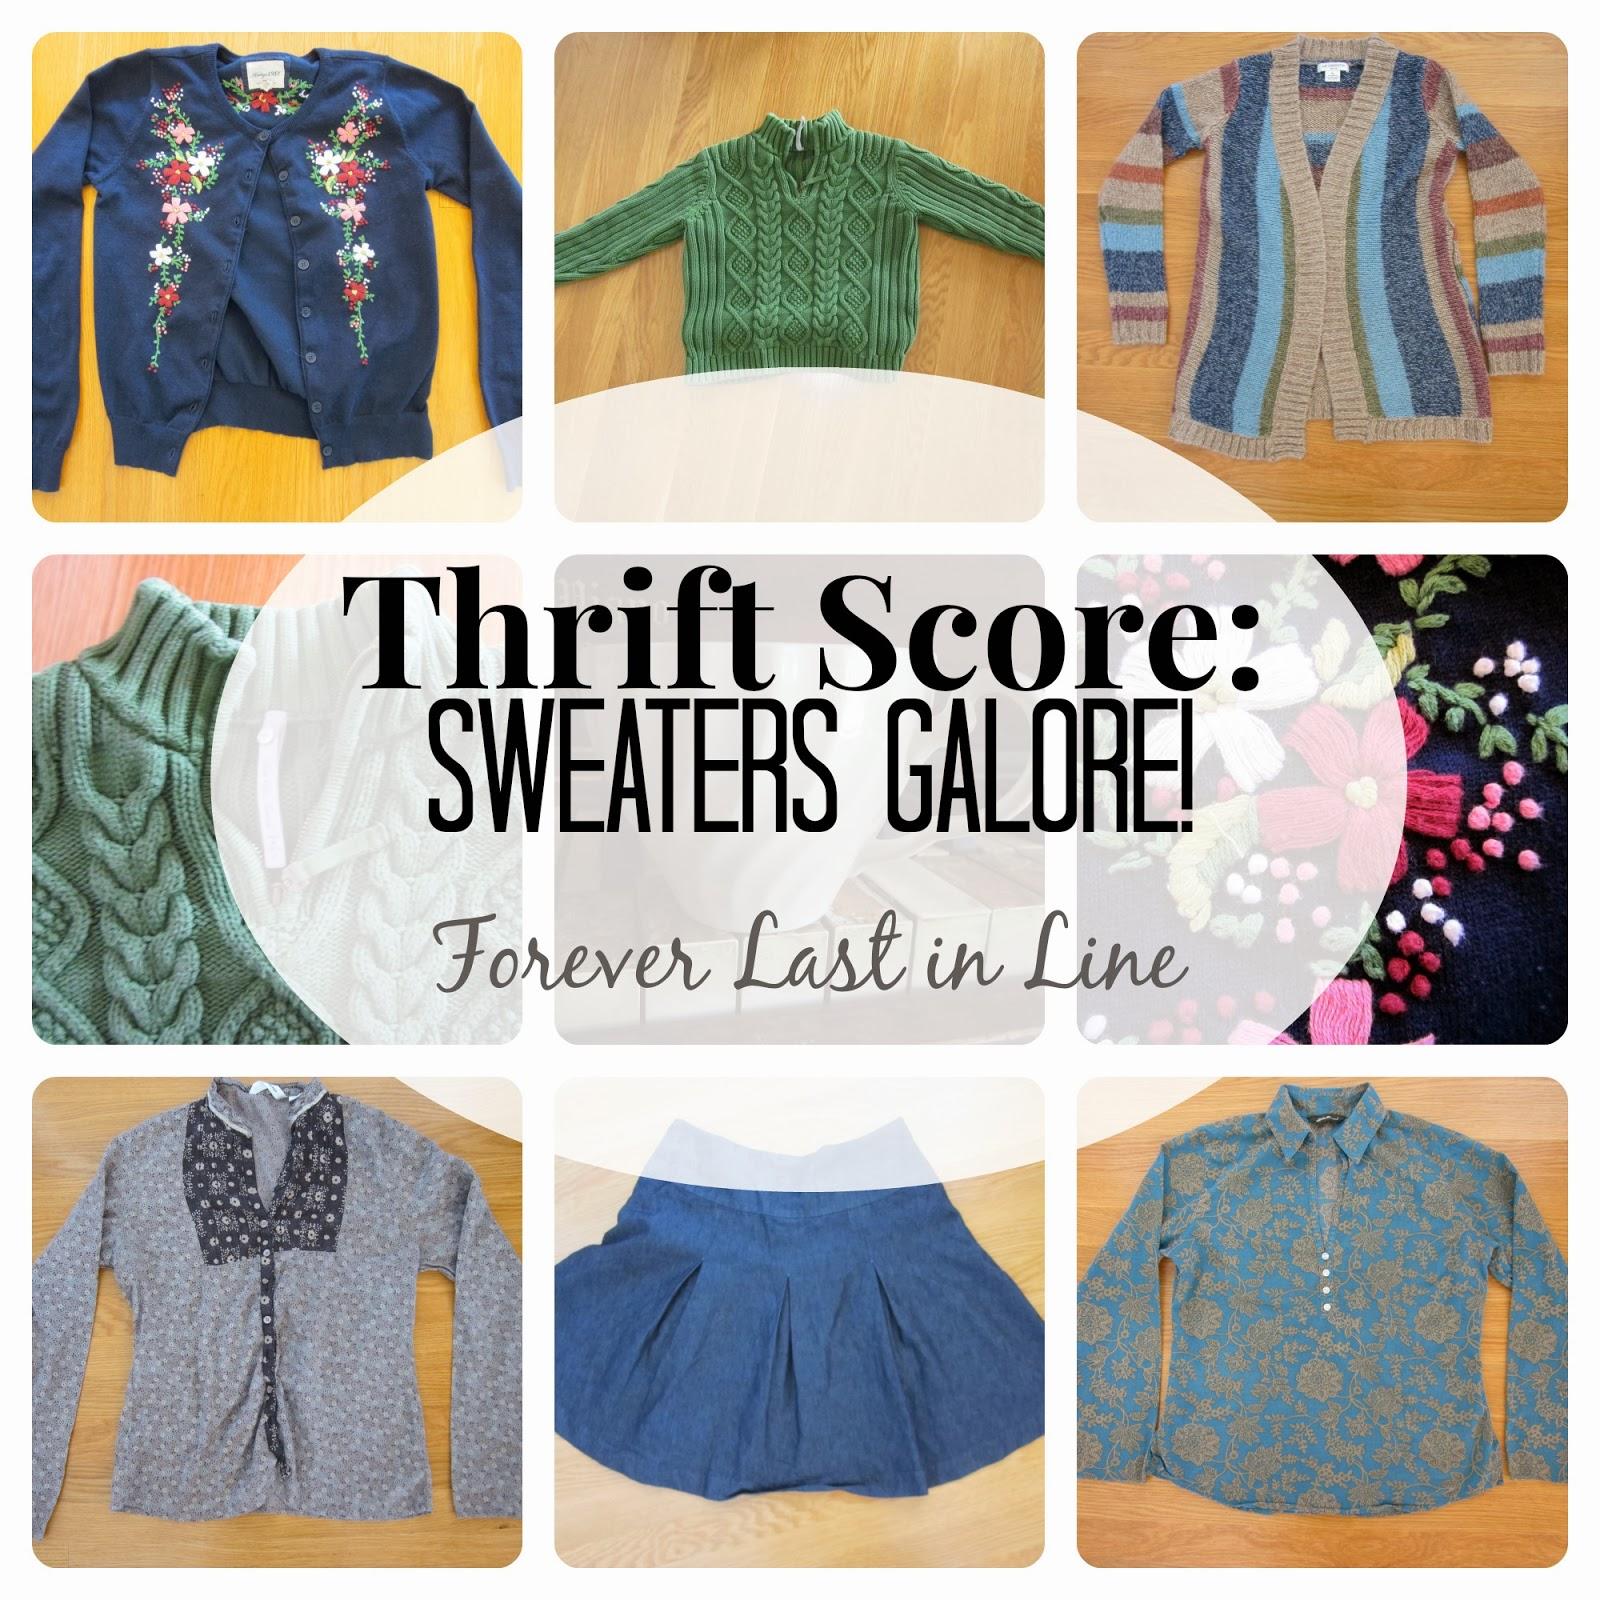 Forever Last in Line: Thrift Score!